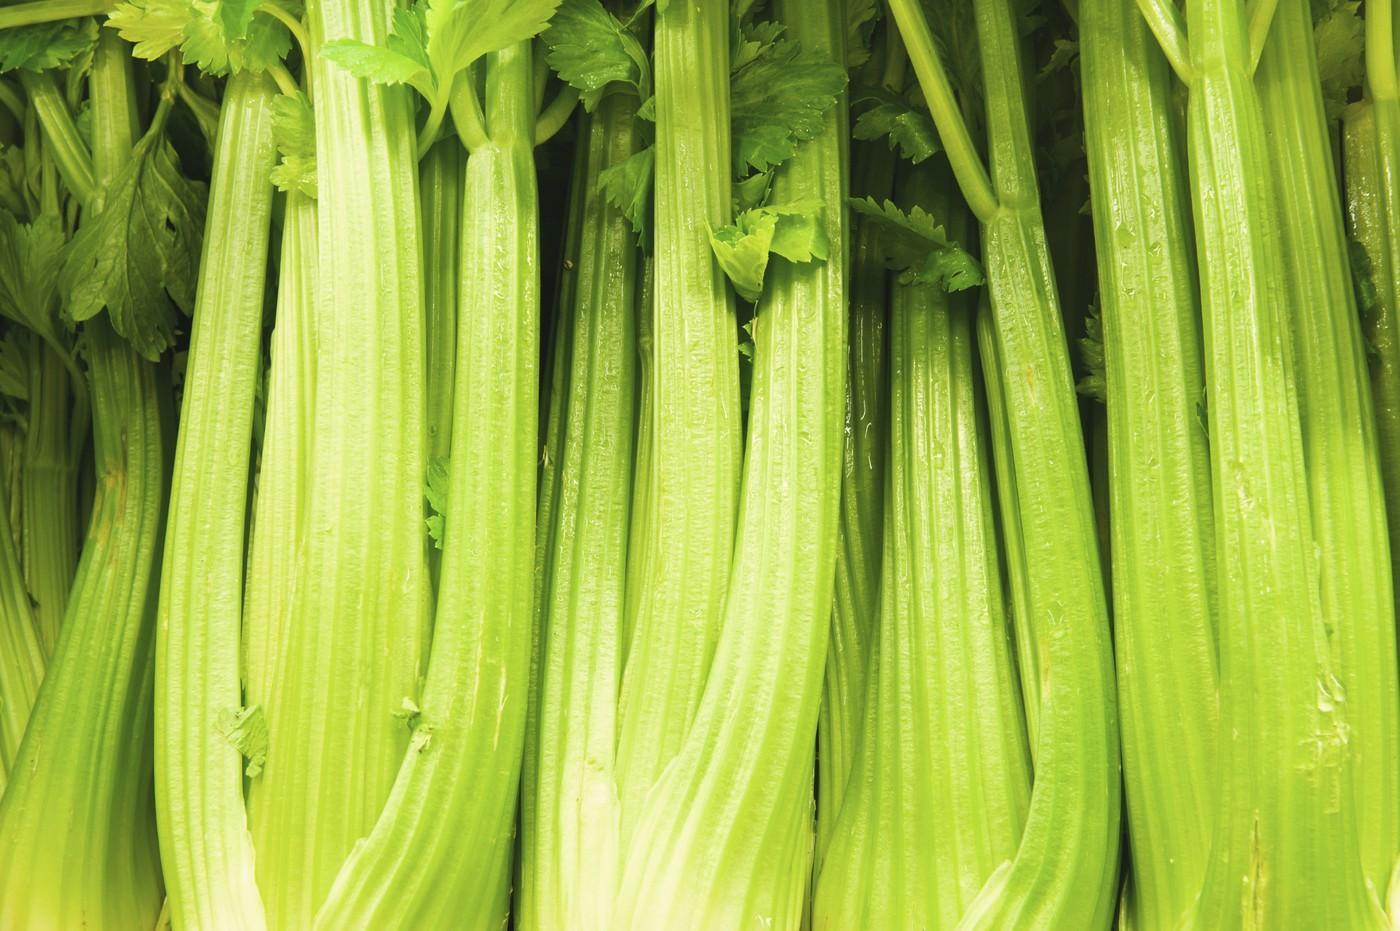 Osim što obiluje vitaminima i mineralima, celer ima i antistresno djelovanje.